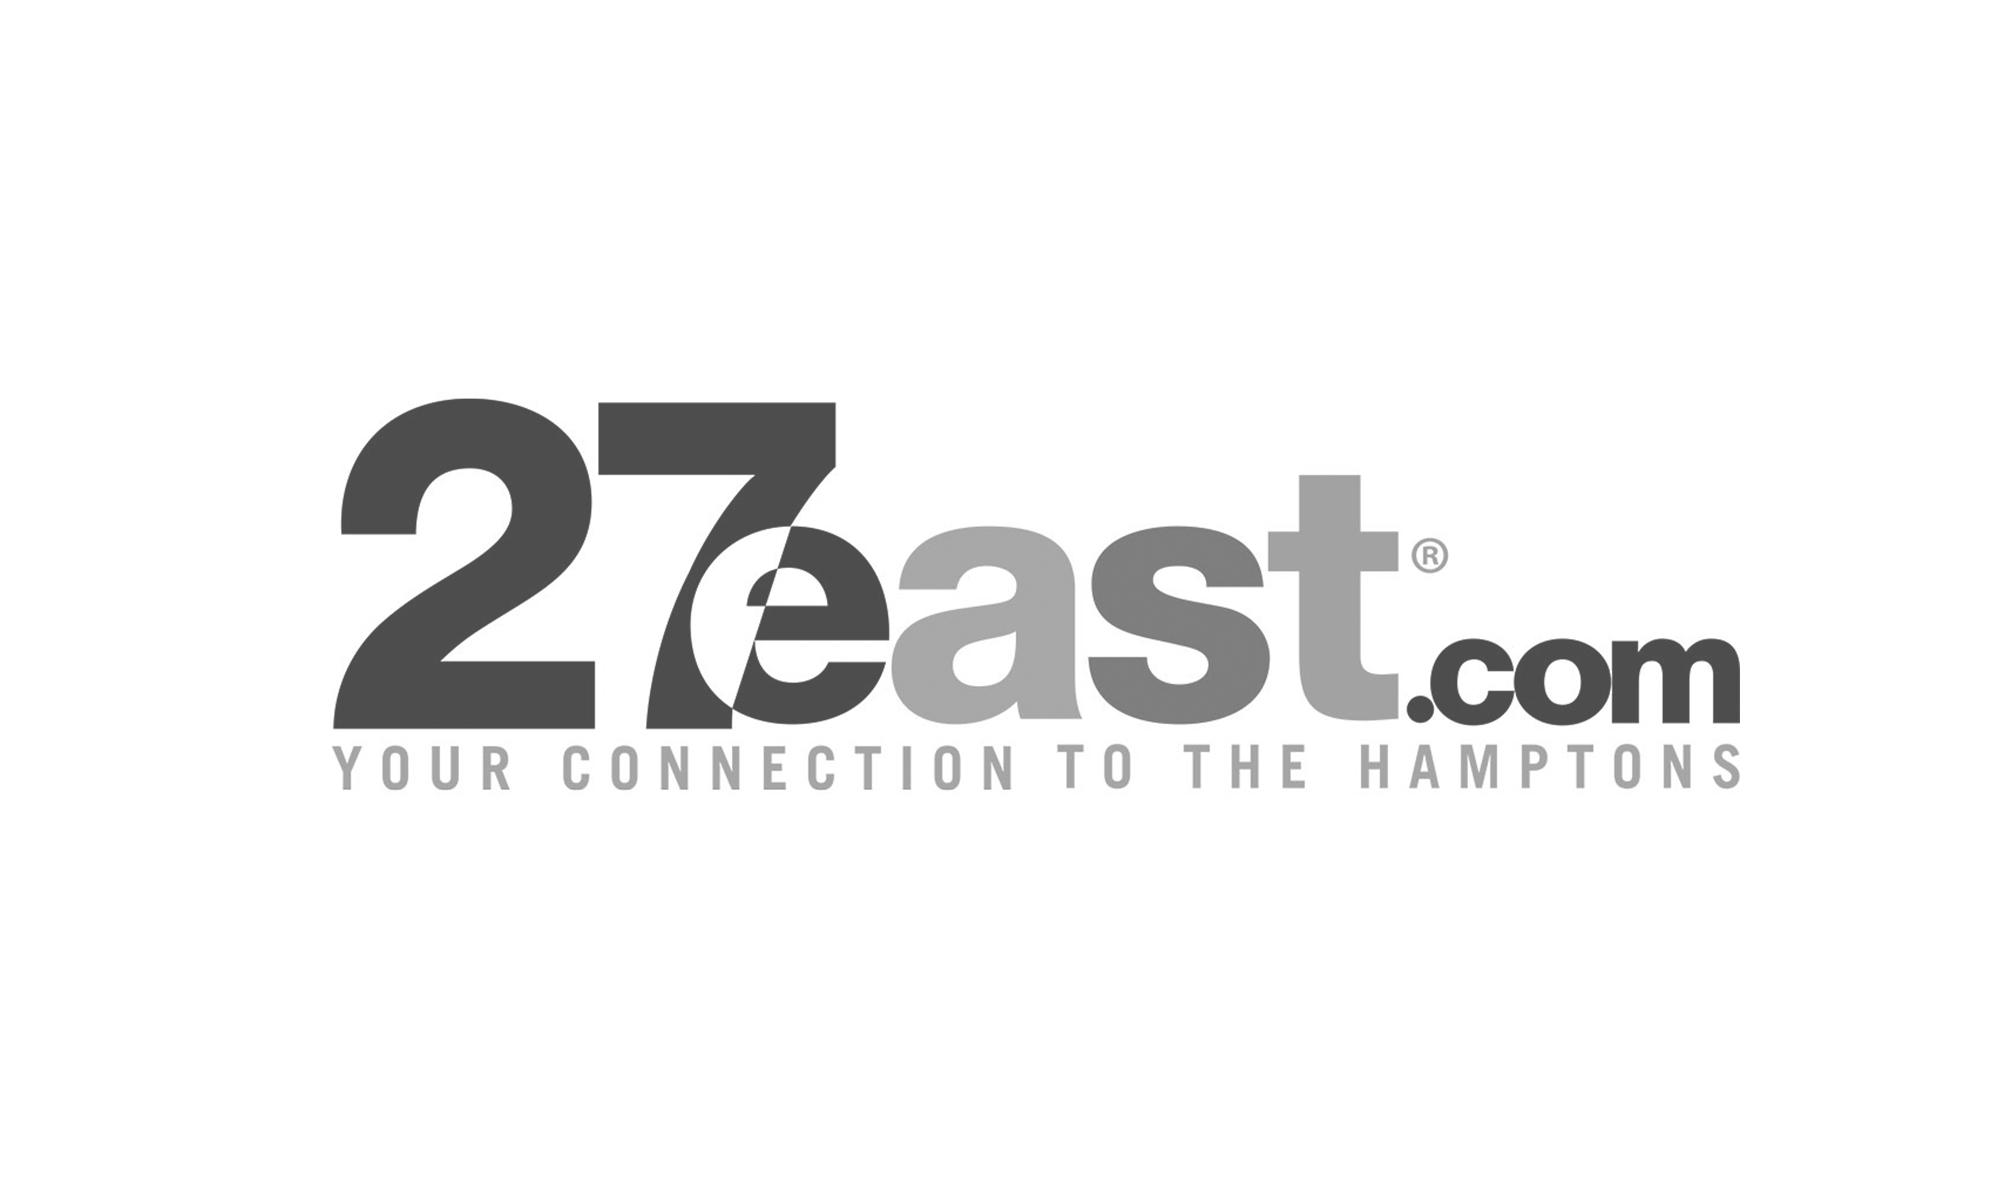 27east-logo.jpg